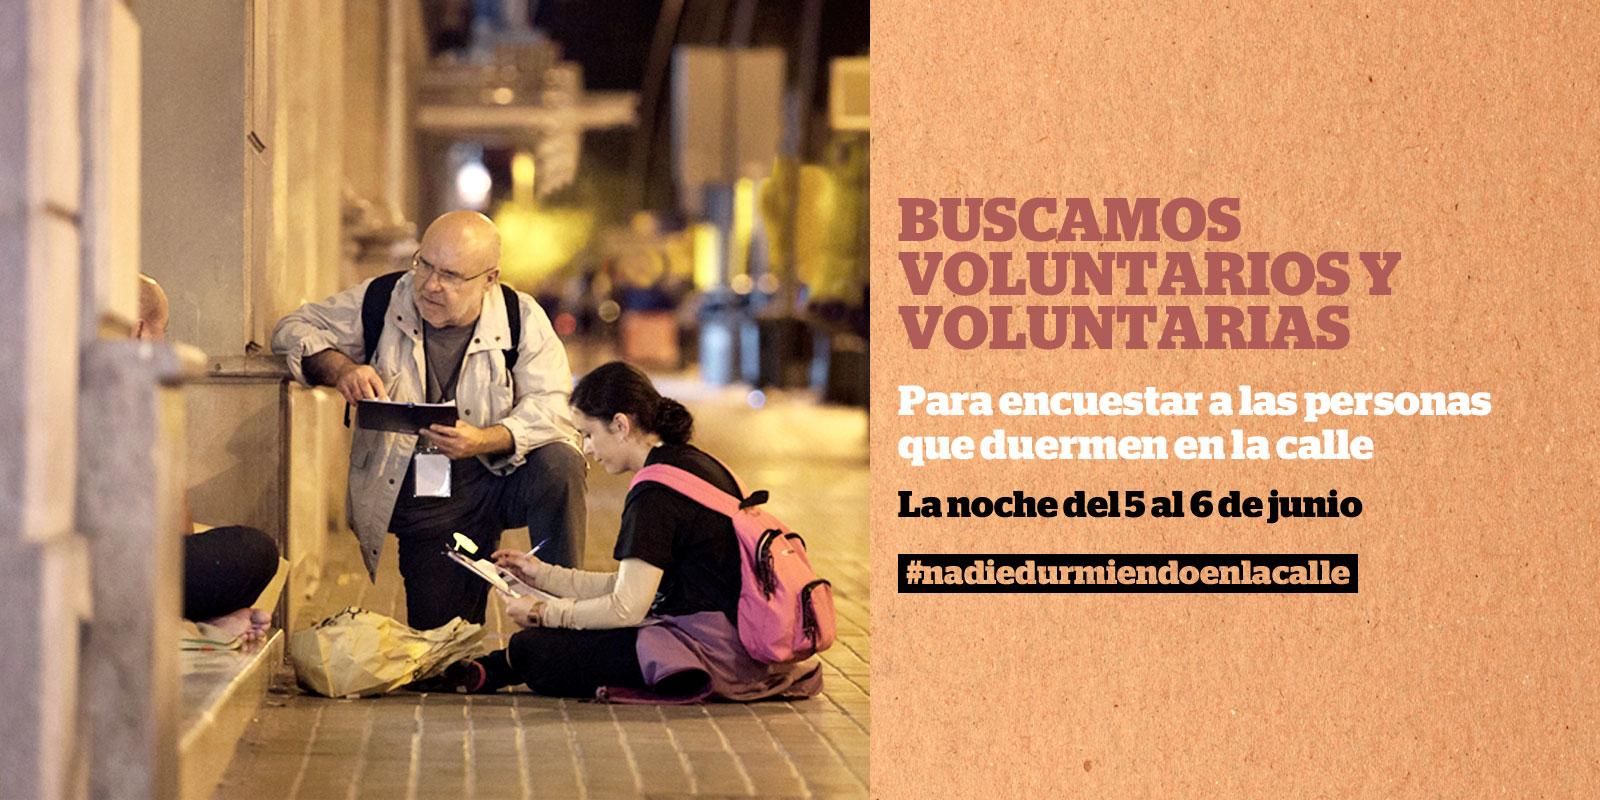 Buscamos 600 personas voluntarias para el censo de personas que duermen en la calle